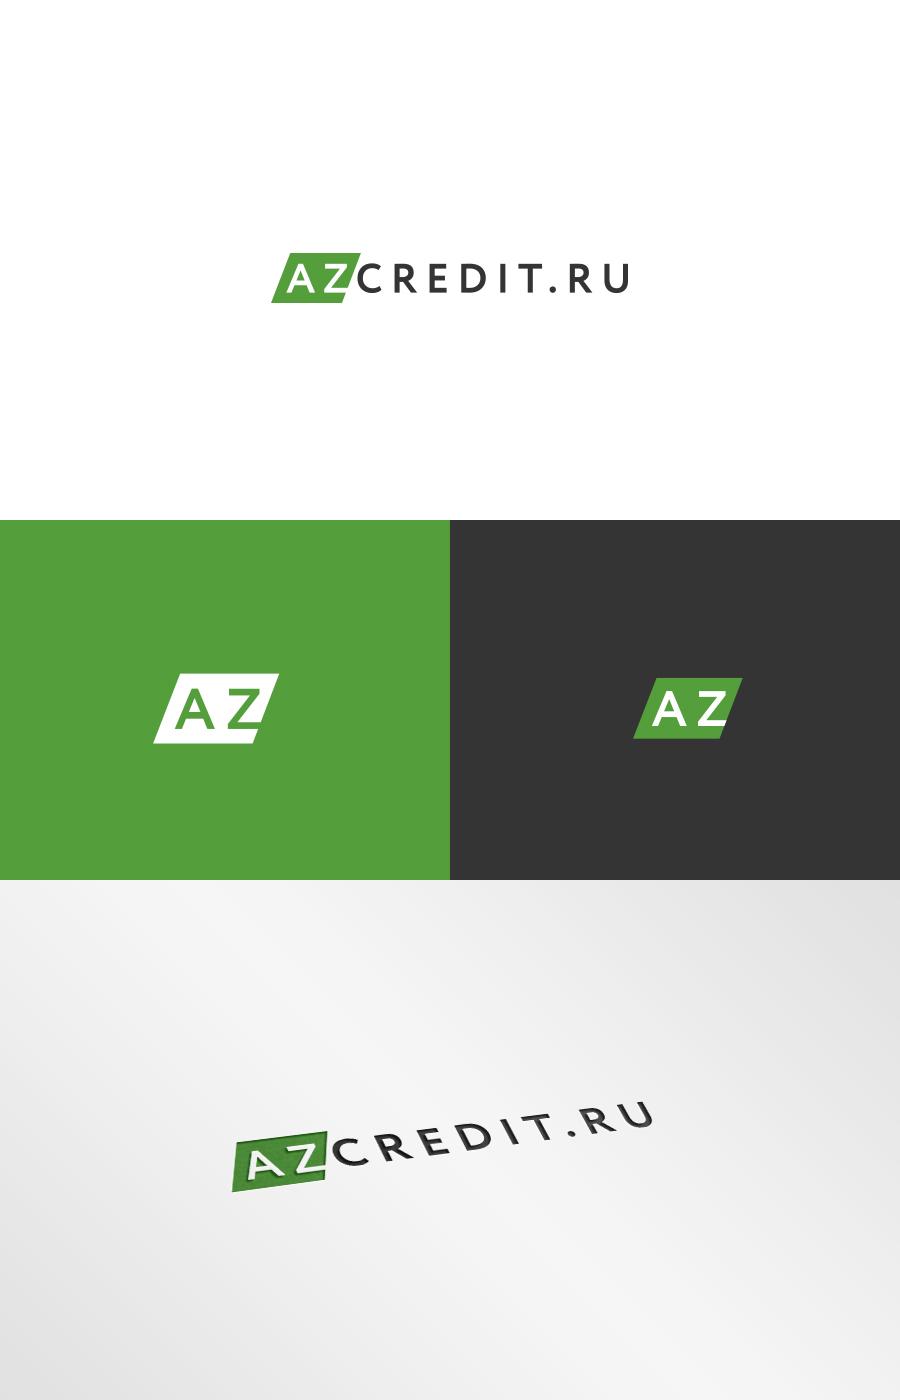 Разработать логотип для финансовой компании фото f_3385dea10279c4de.jpg